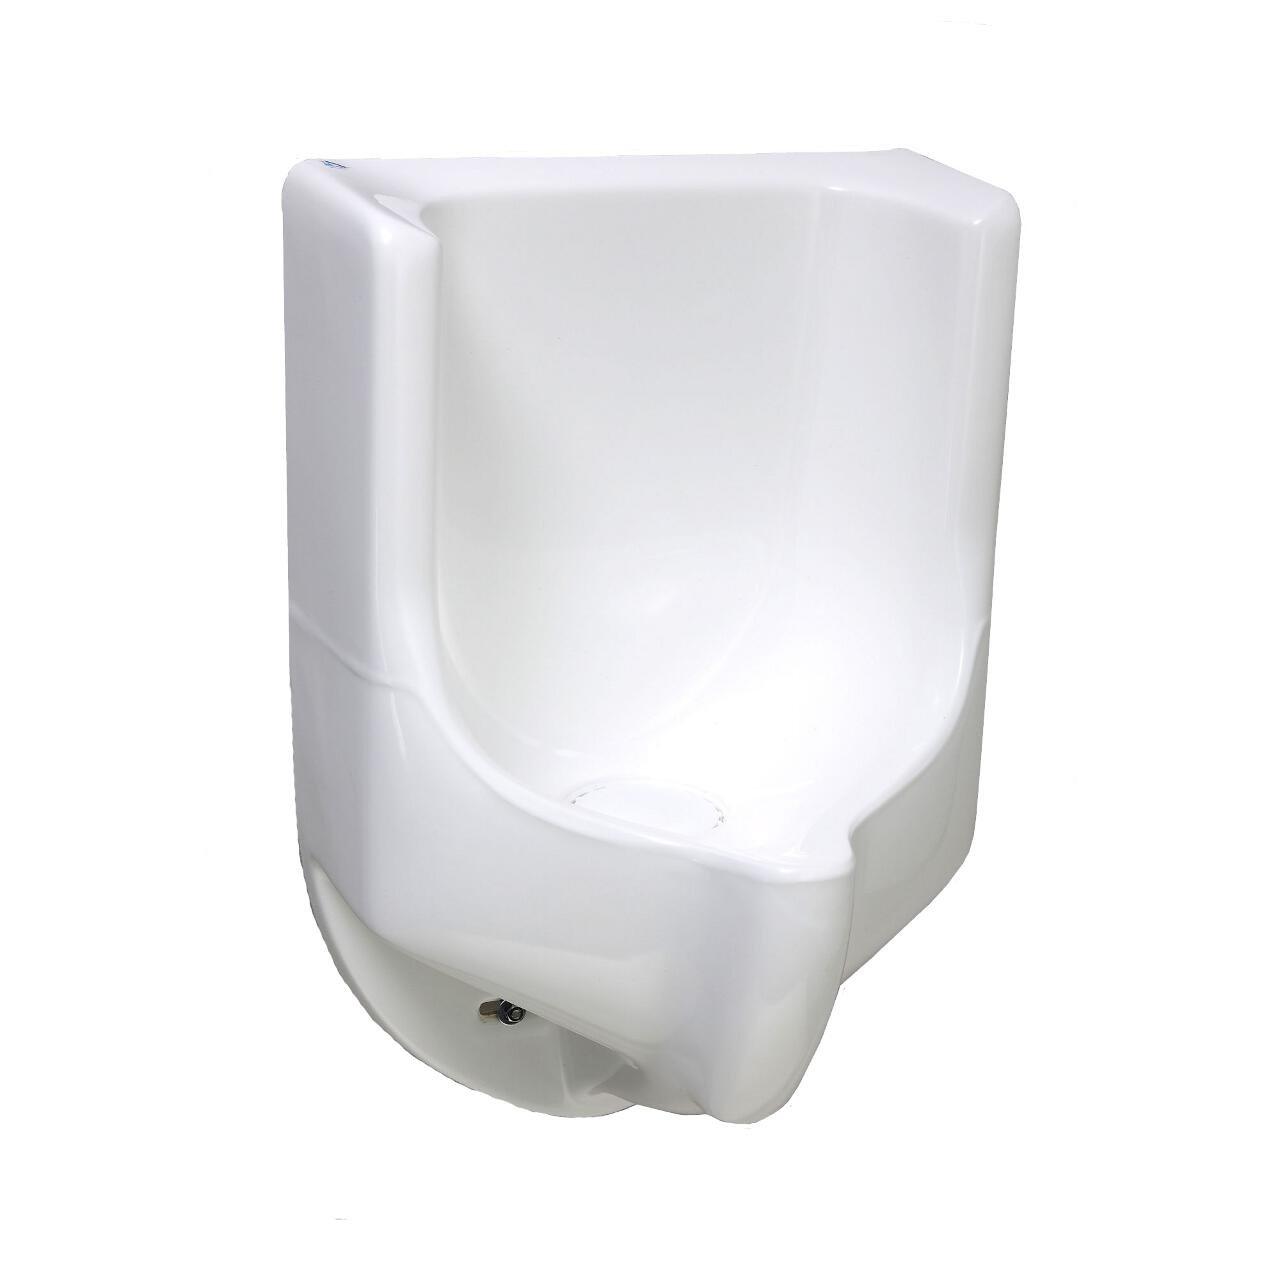 全国総量無料で Waterless 2004 Urinal Sonora No-Flush Urinal with by 18-Inch High Performance 2004 Composite by Waterless B003SYUQCM, 一六本舗:be83604e --- arianechie.dominiotemporario.com